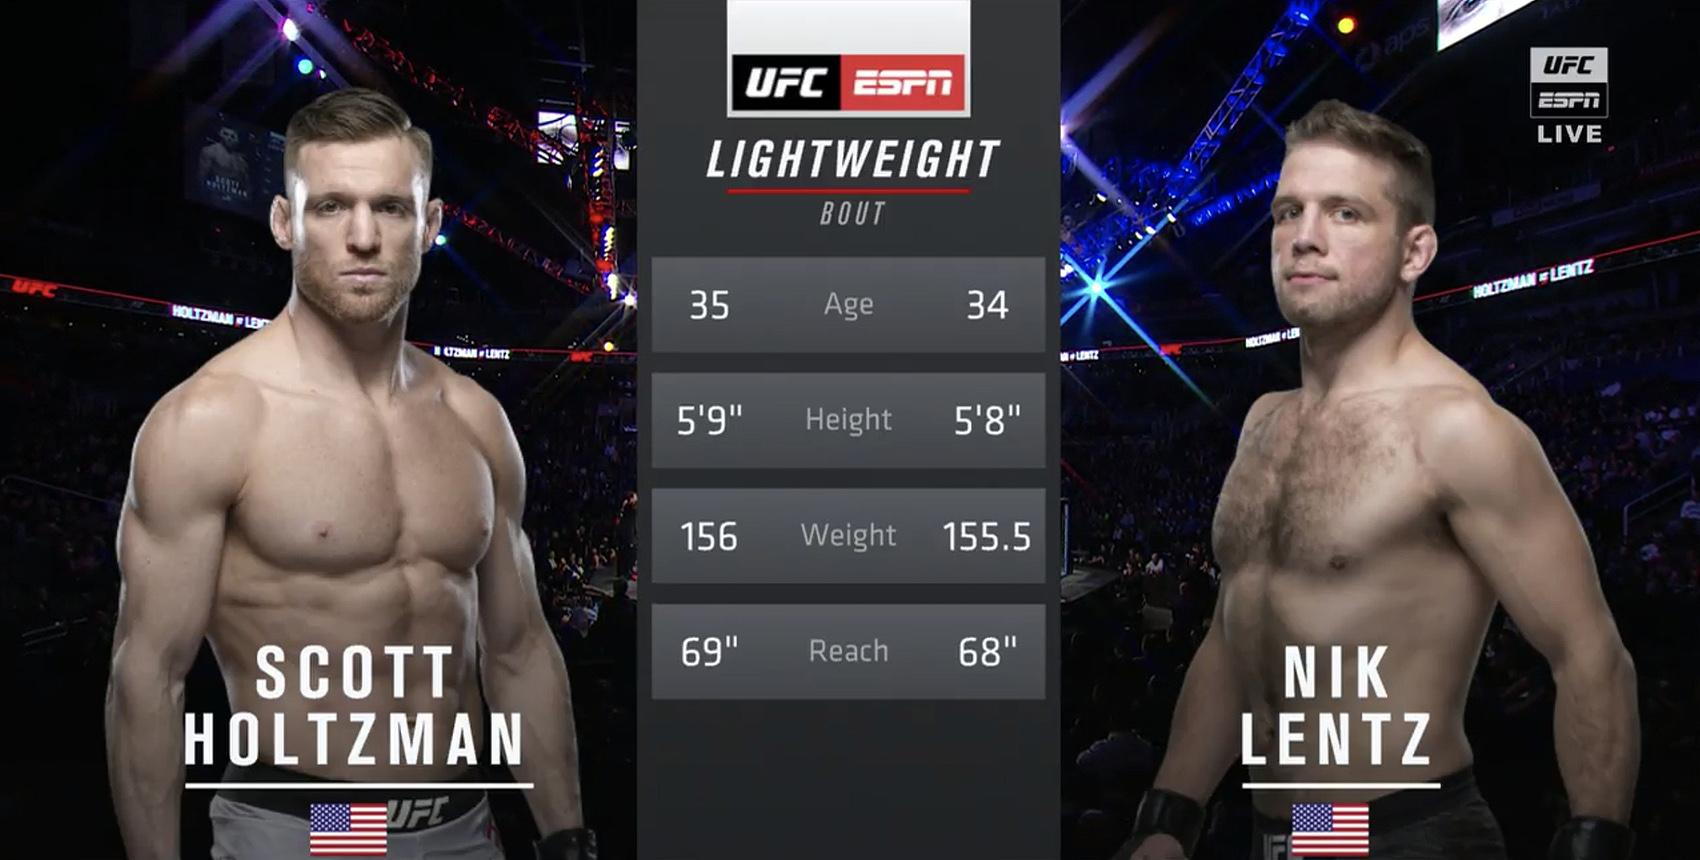 NCS_UFC-ESPN_0020